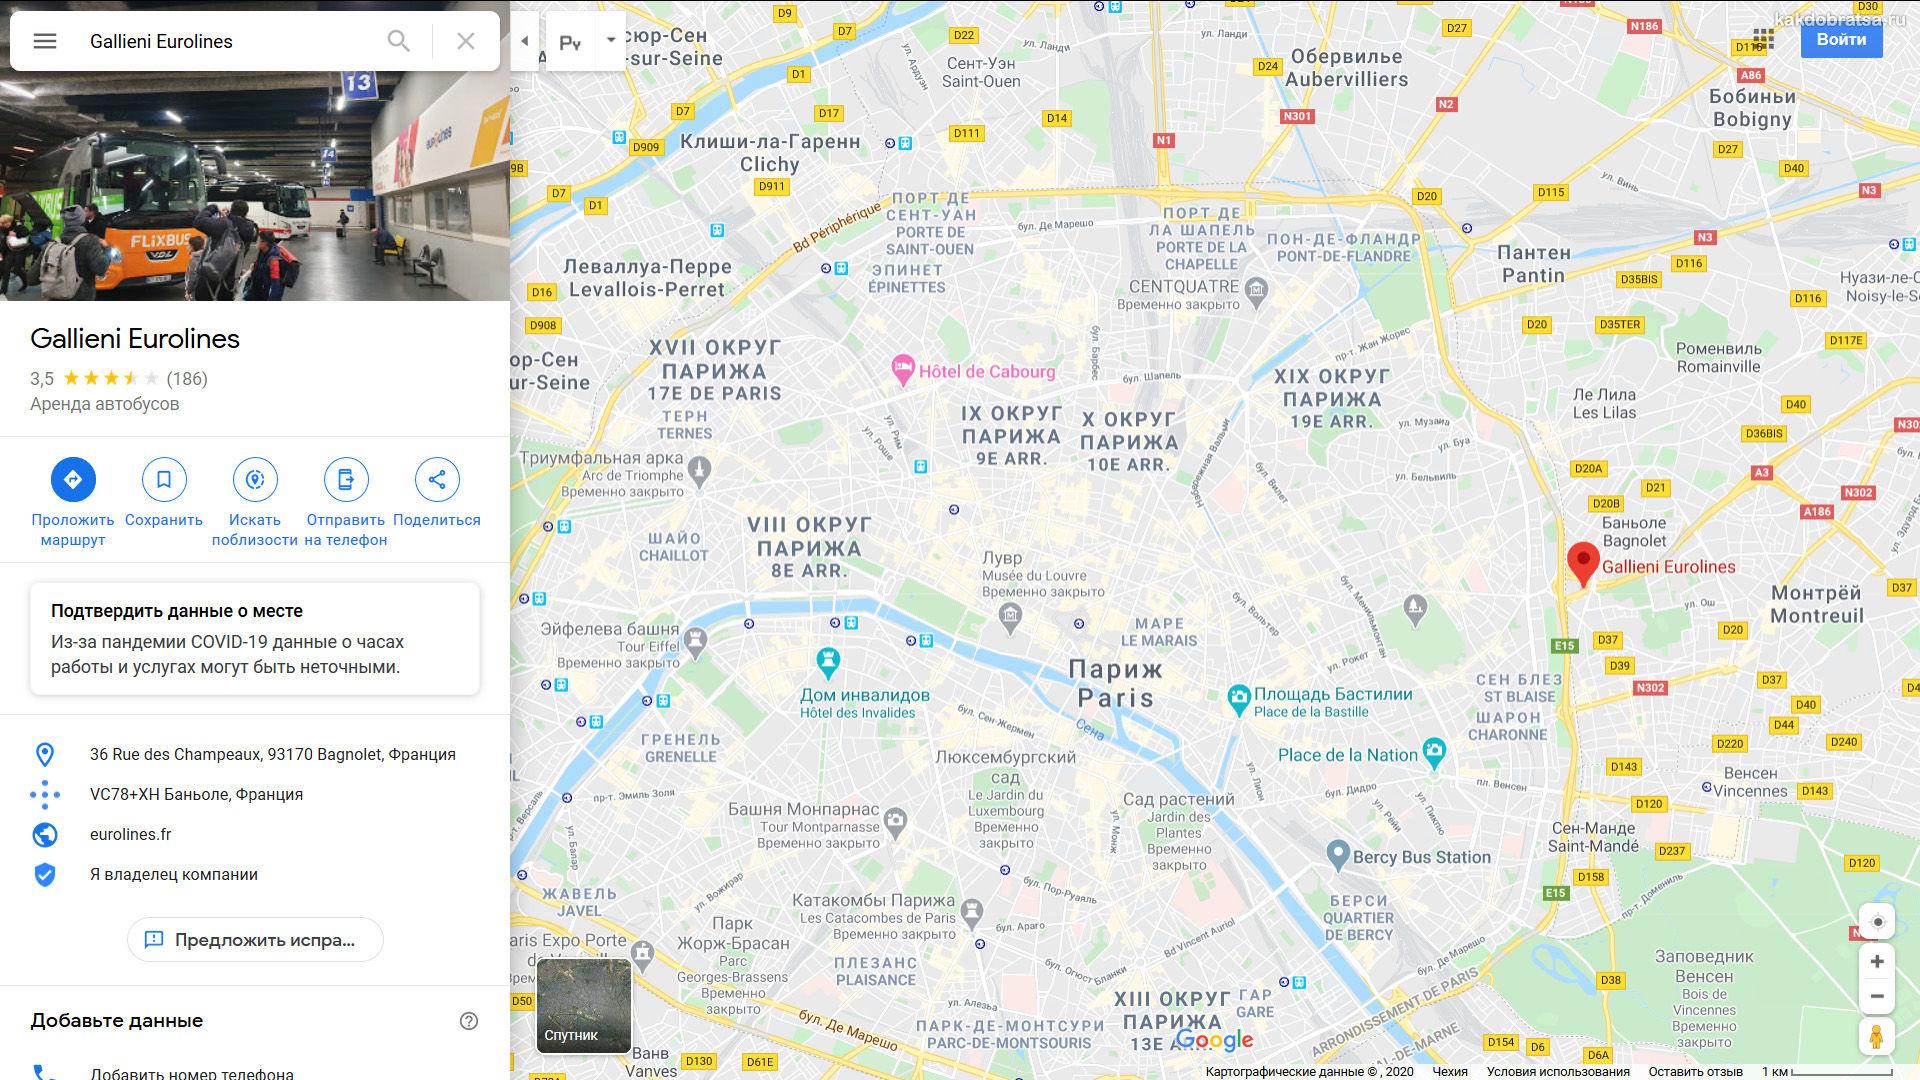 Автовокзала Париж Галлиени на карте и где находится